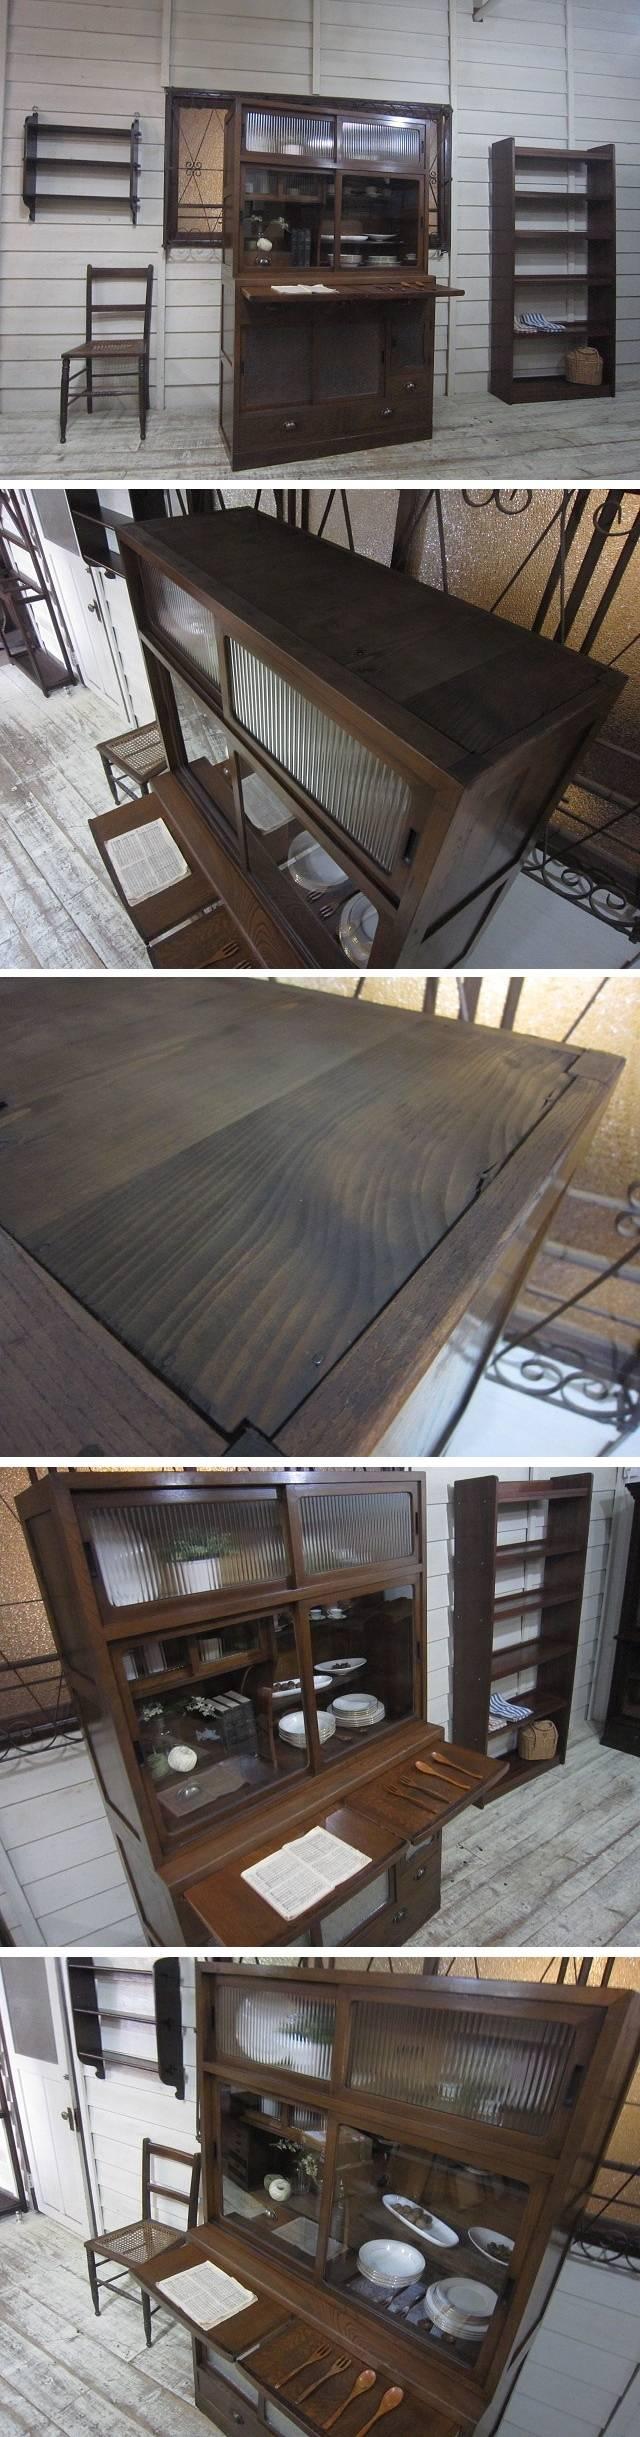 xvpbvx               ○o。希少デザイン♪極上♪古い欅材 ②作業台付き 大きな アンティーク収納棚(②段重ね式)。o○ ○o。商品説明。o○…